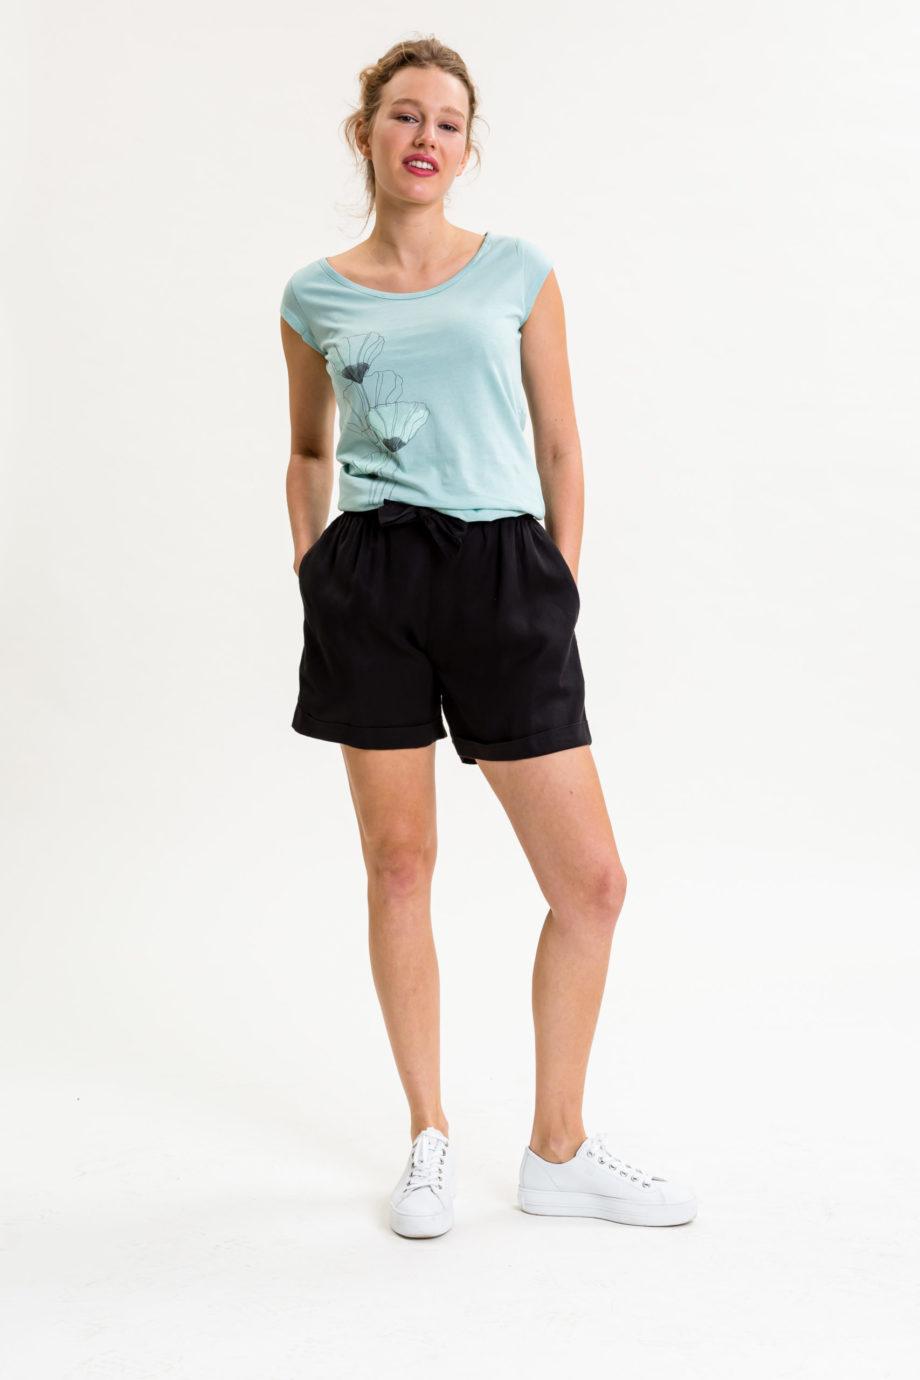 Frau trägt kurze Hose von UVR CONNECTED (CORYINA) aus Tencel mit elastischem Bund, Hosenaufschlag, Schleifenband, weit geschnittenem Bein und Seitentaschen. Fair produziert in Europa. / Schwarz / Vorderansicht / pussyGALORE / Leipzig